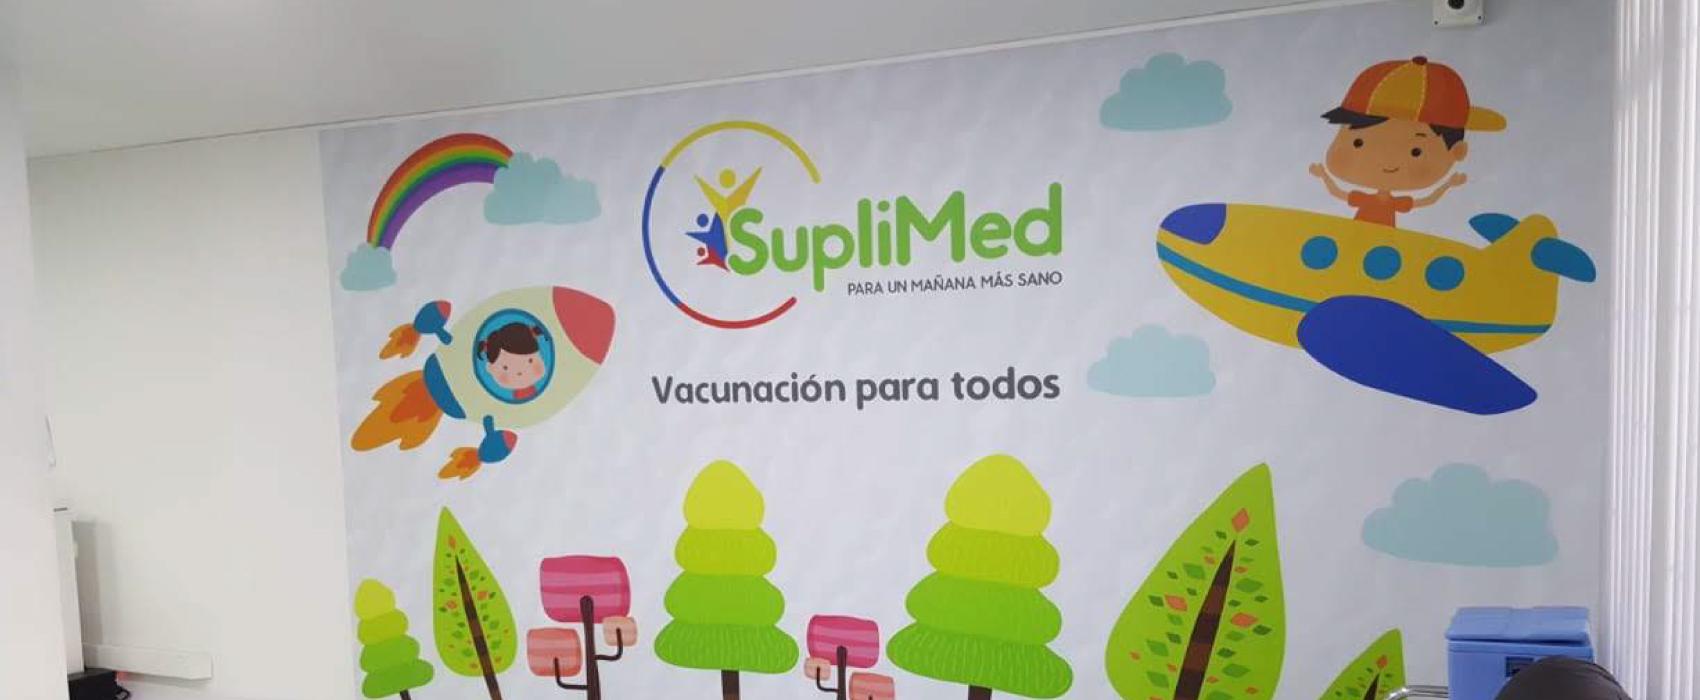 Proyección, Proyección digital, Agencia, Publicidad, Marketing, Mercadeo, Estrategias, Eventos, Lanzamientos, Comunicación,branding